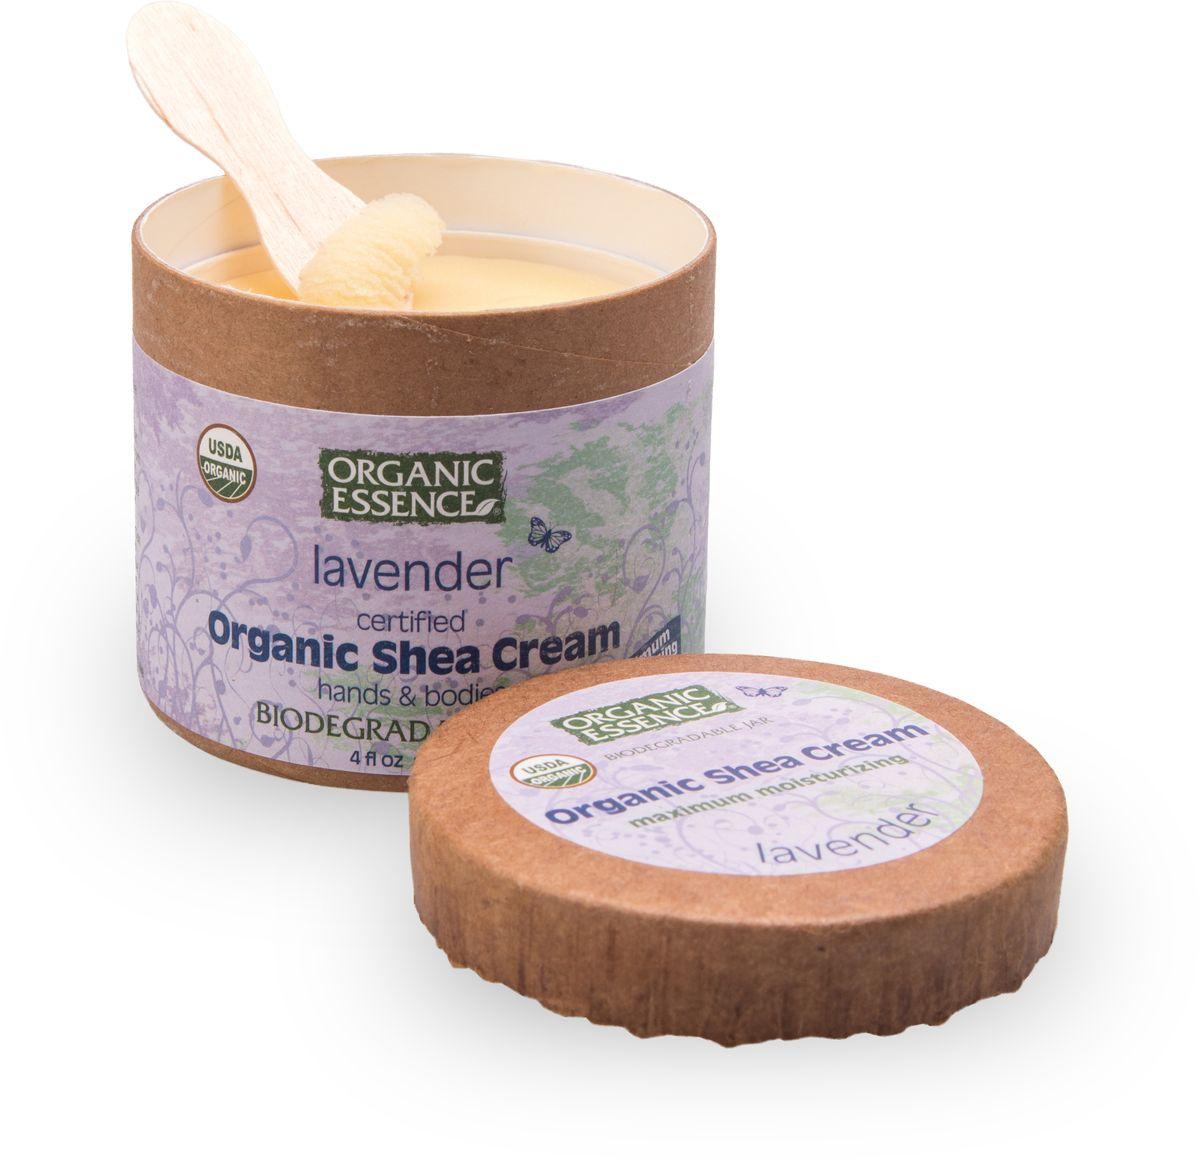 Organic Essence Органический крем Ши (Карите), Лаванда 114 г/118 млCCLAVUSDA Organic сертифицированный продукт. Интенсивное увлажнение. Подходит для ежедневного применения. В состав Органического крема Ши входит органическая лаванда, которая славится своими свойствами релаксации. Лаванда восстанавливает баланс кожи, что делает его идеальным для любого типа кожи. После нанесения средств, содержащих масло лаванды, мгновенно снимаются покраснения, отеки, шелушение, раздраженности, воспаления, приглушается зуд.Органический крем Ши лавандаидеально подходит для специального ухода за поврежденной или сверхчувствительной кожей, проявляет удивительные тонизирующие свойства для усталой и дряблой кожи. Снимая не только воспалительную сыпь, но и препятствуя росту бактерий, лавандовое масло при одновременном воздействии на уровень жировых выделений и нормализации обмена веществ идеально подходит для обработки прыщей.Лавандовое масло не является аллергенным. Лаванда помогает при расстройствах, вызванных стрессом, и бессоннице.